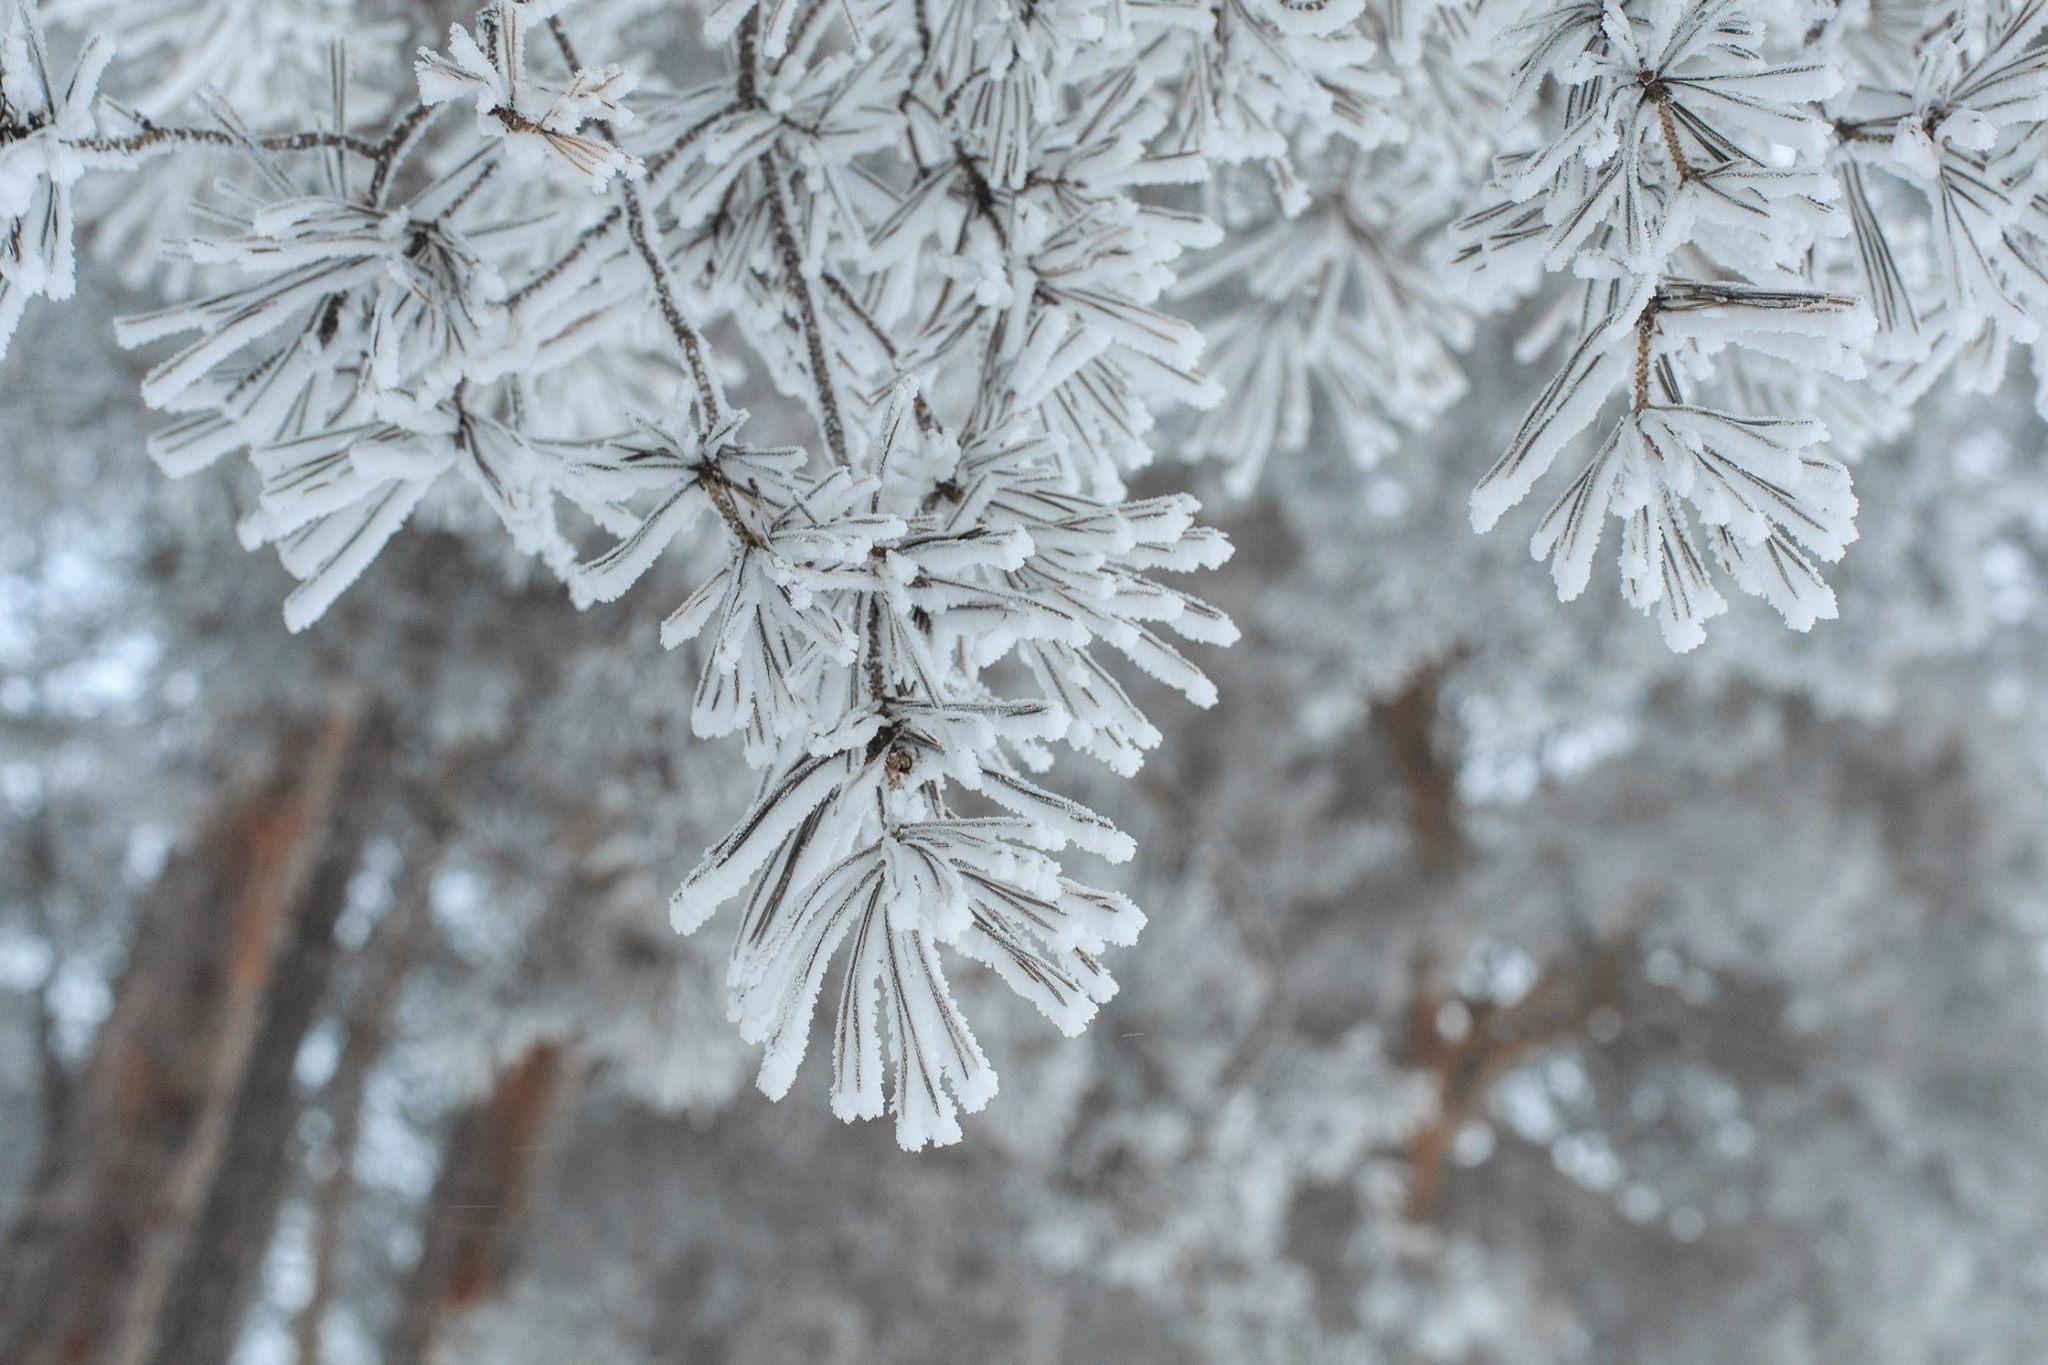 Завтра на зміну снігопадам у регіон прийдуть невеликі морози